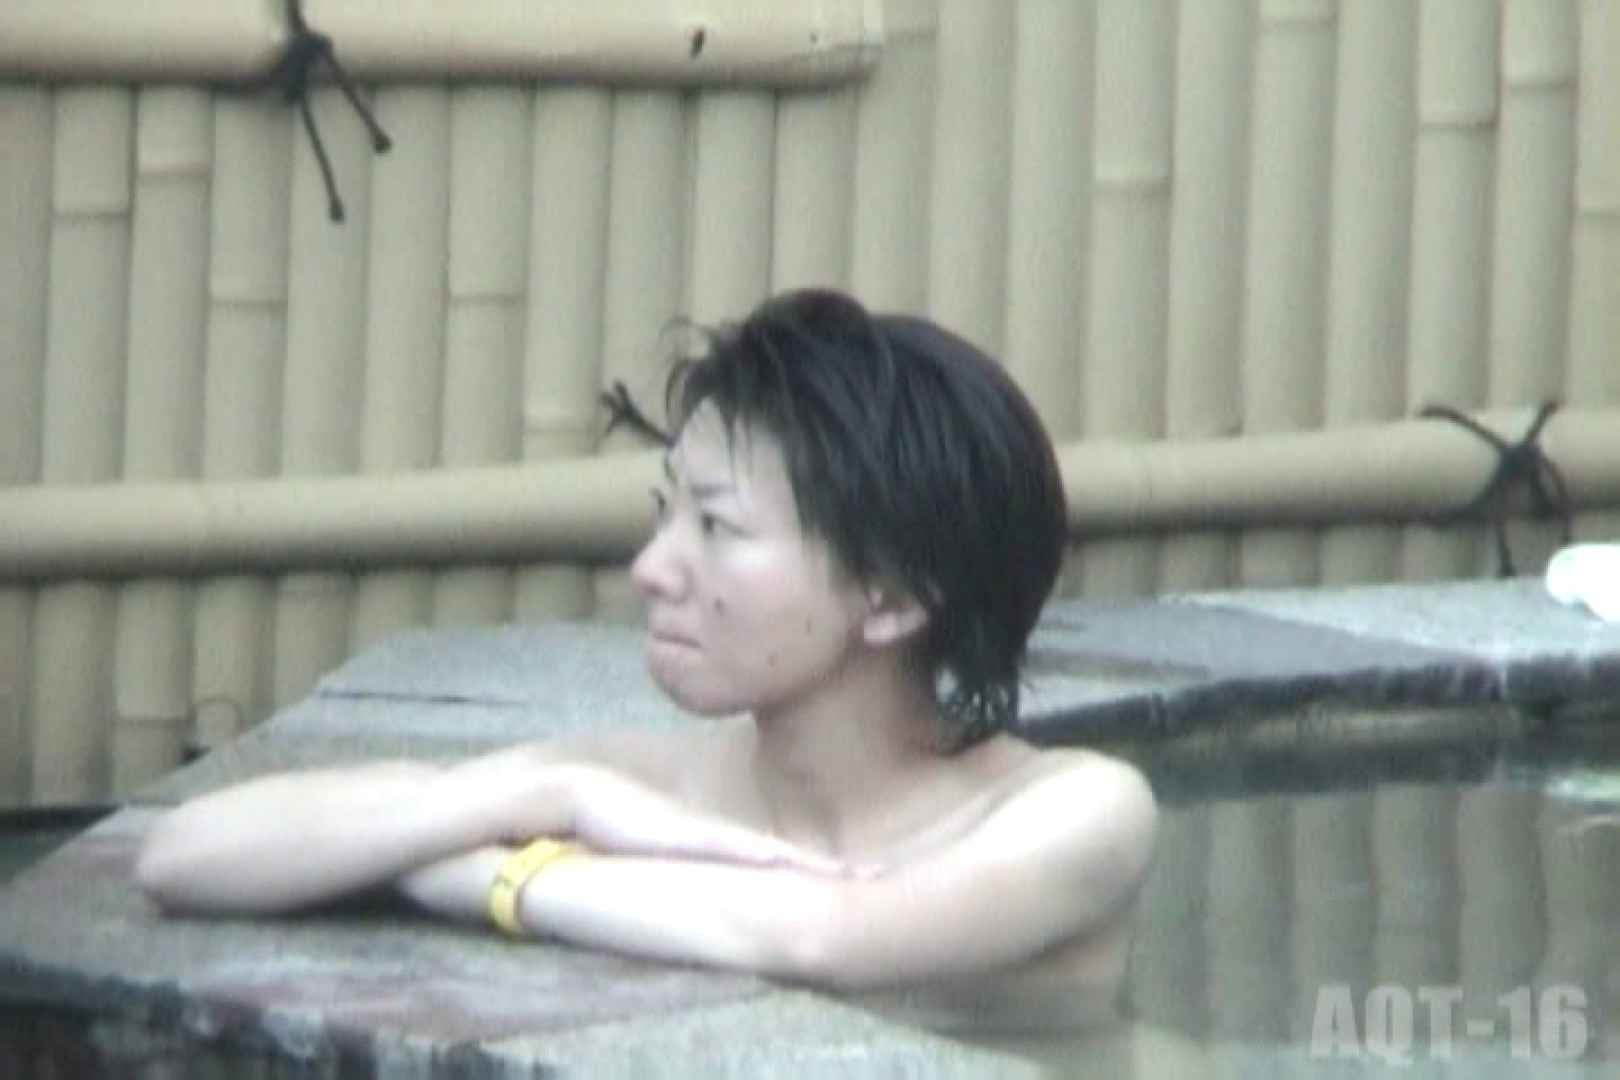 Aquaな露天風呂Vol.842 盗撮師作品   美しいOLの裸体  96pic 13